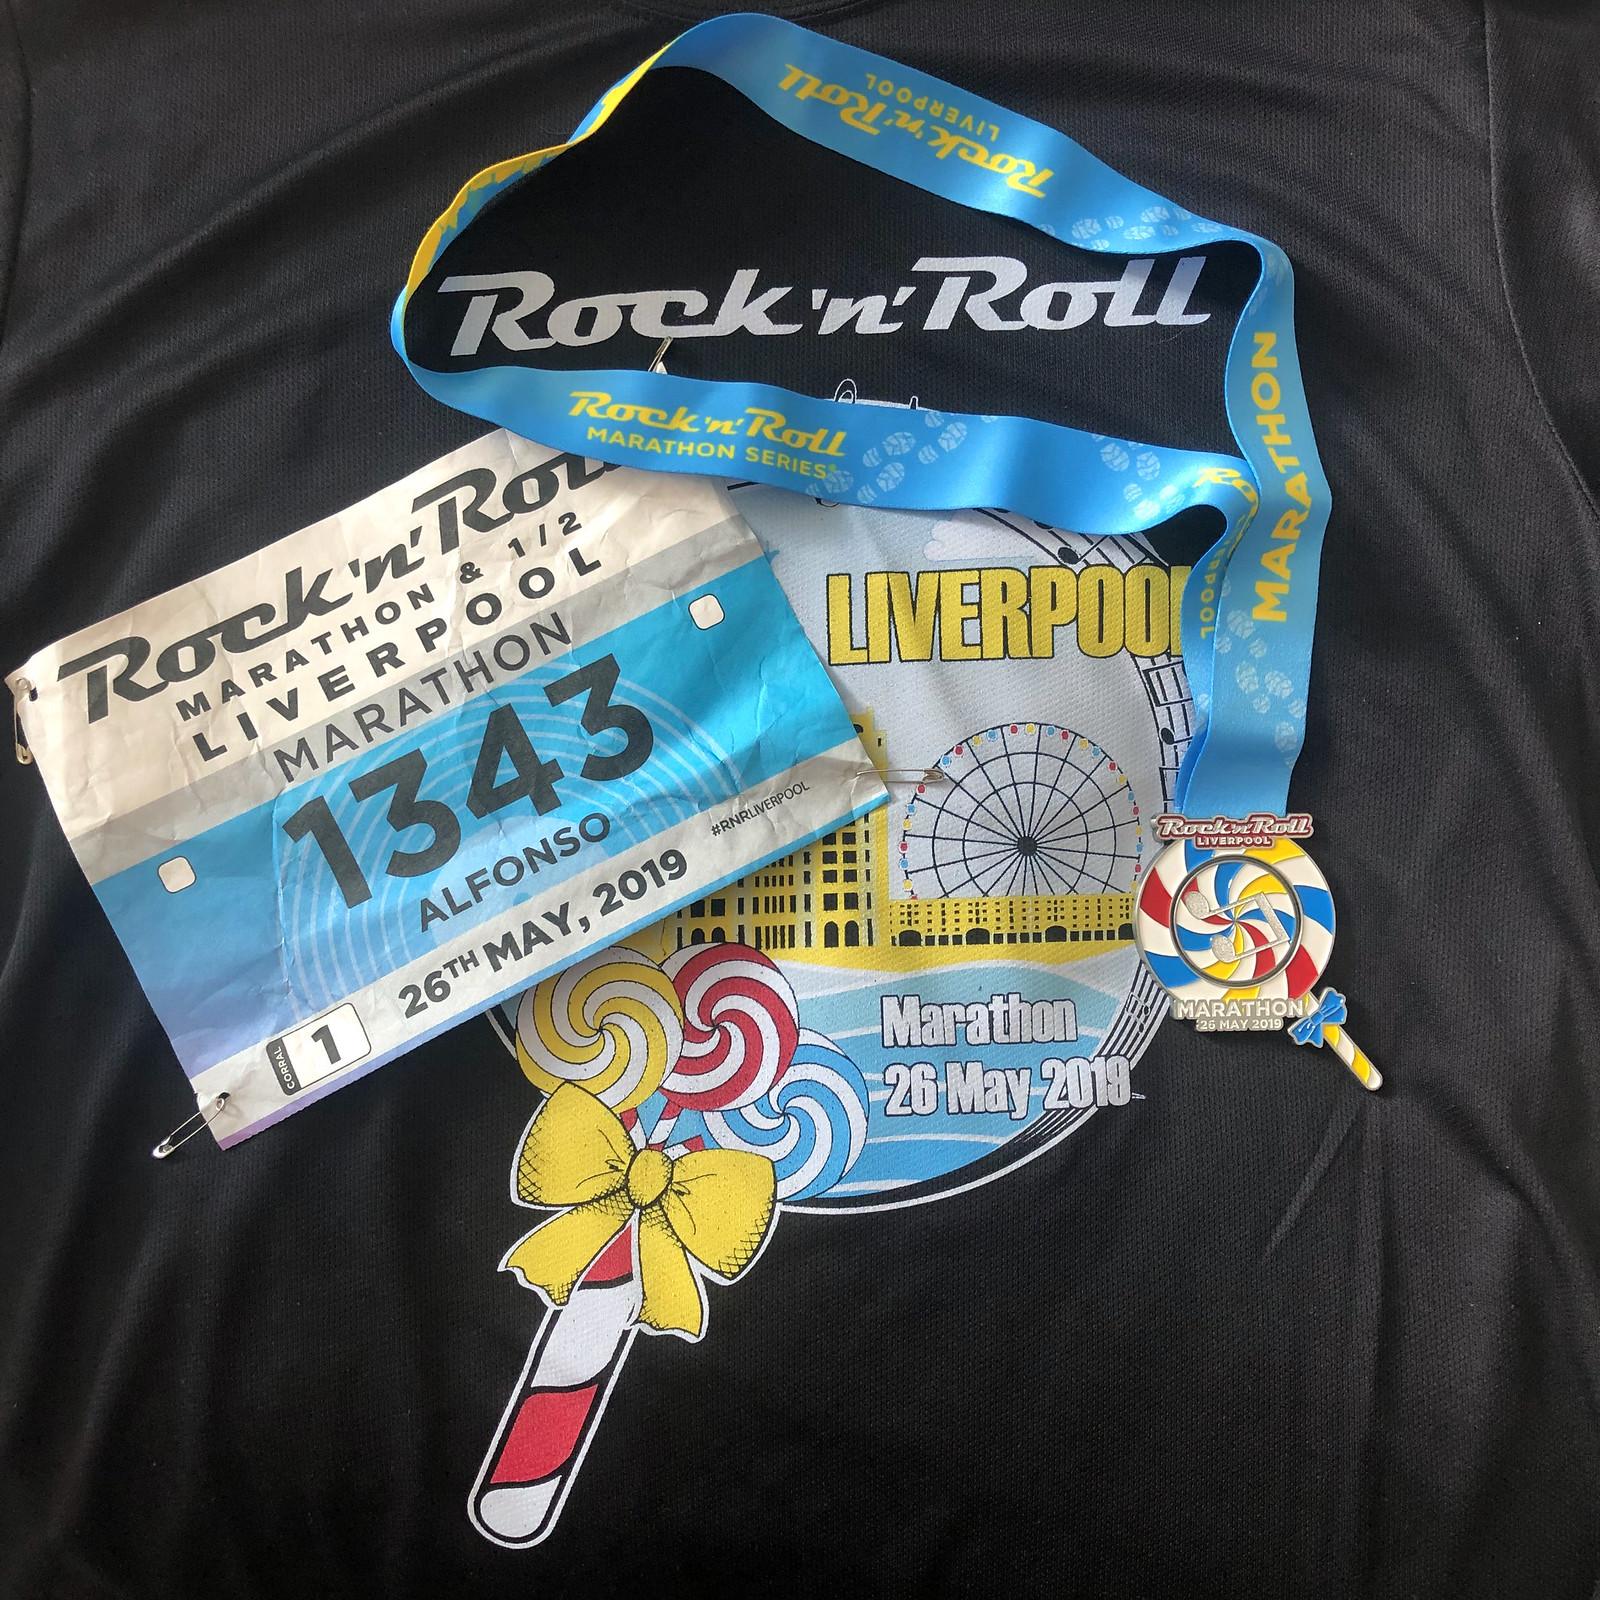 Maratón de Liverpool, Marathon maratón de liverpool - 48687573256 00e8b8b91c h - Maratón de Liverpool: análisis, recorrido, entrenamiento y recomendaciones de viaje